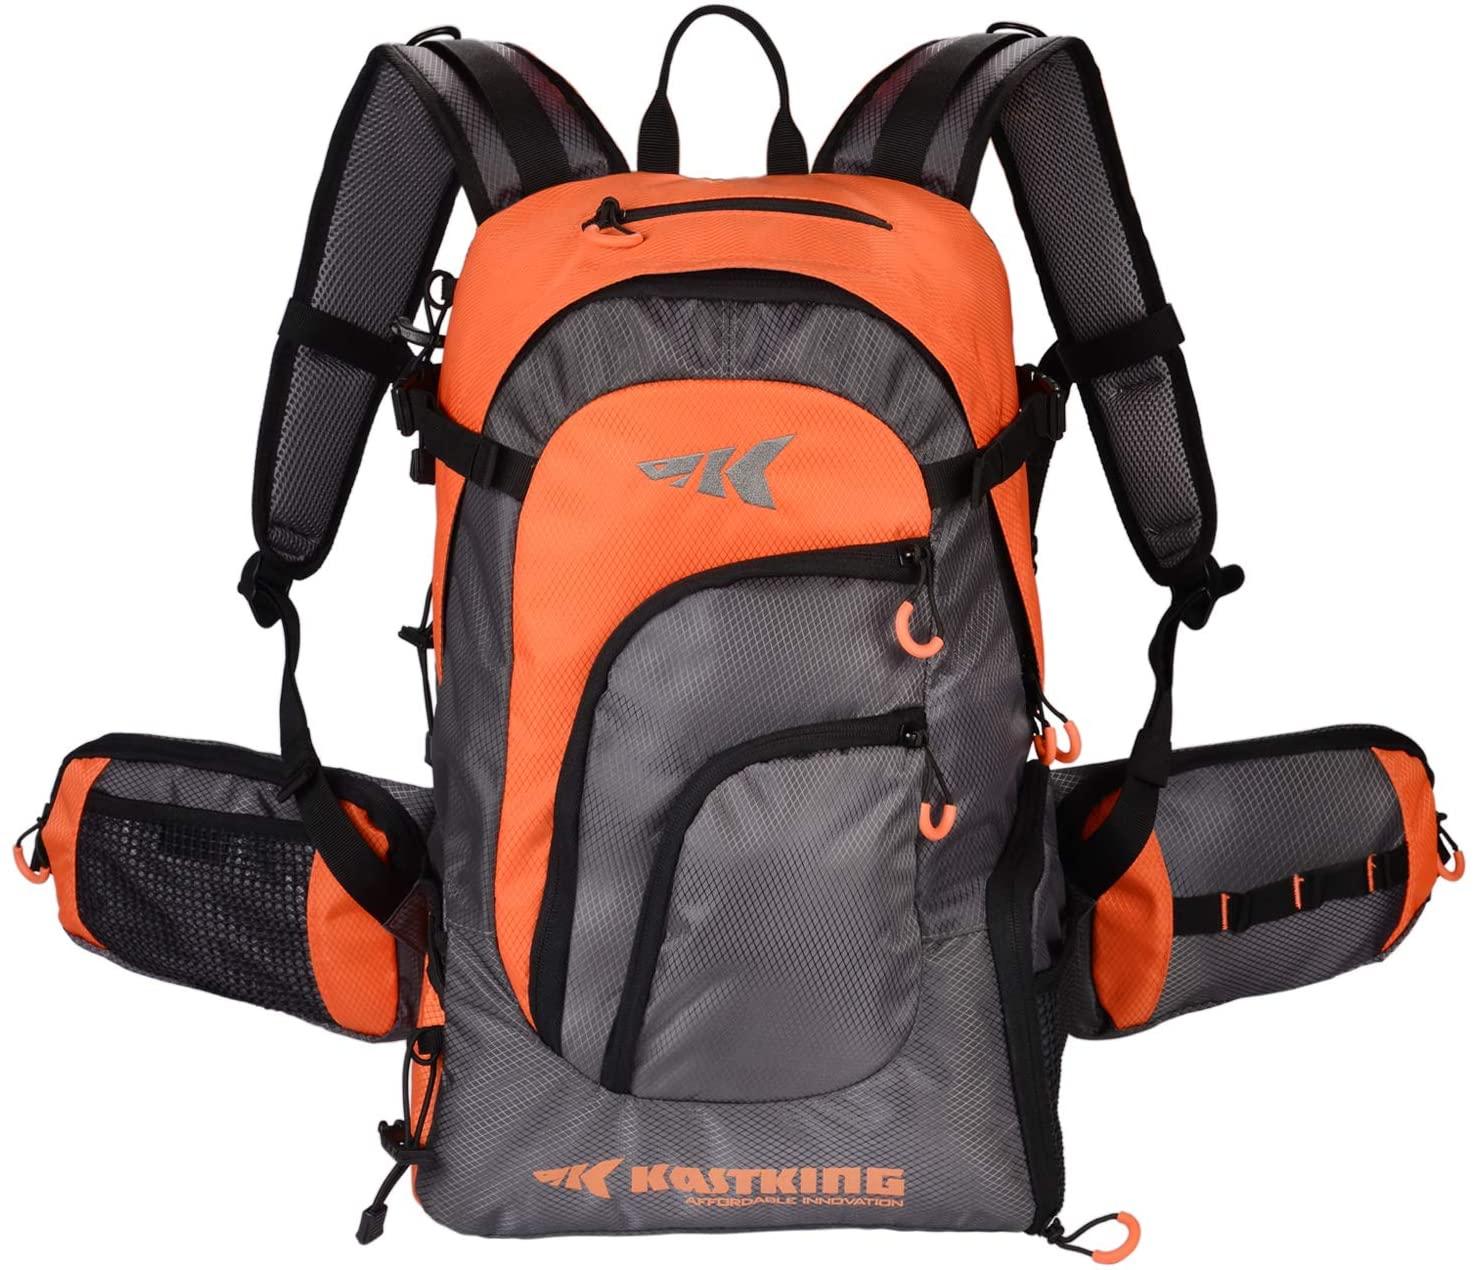 KastKing Saltwater Resistant Backpack